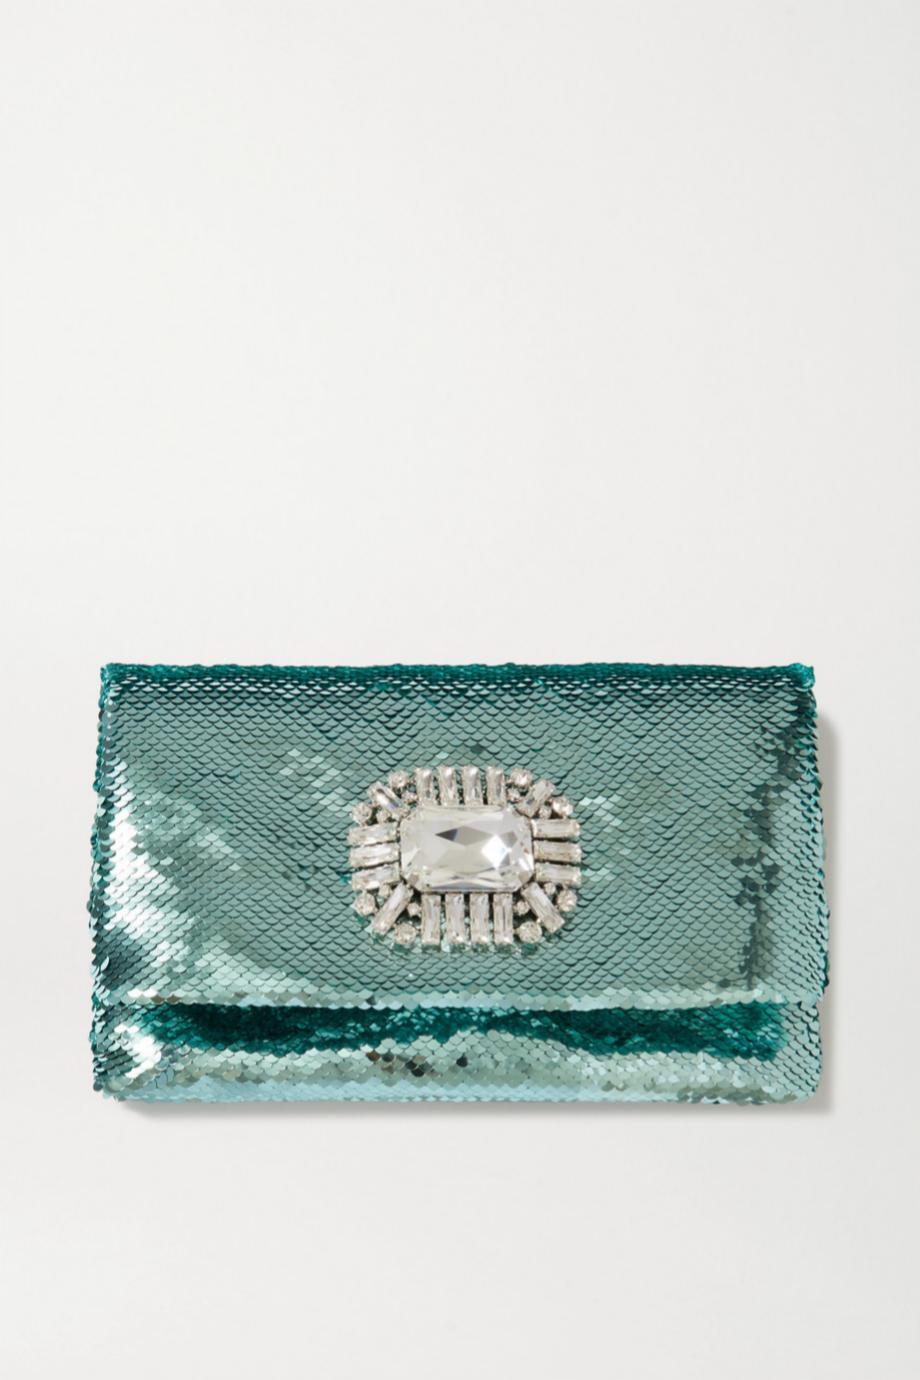 Clutch de paillettes de Jimmy Choo (c.p.v)